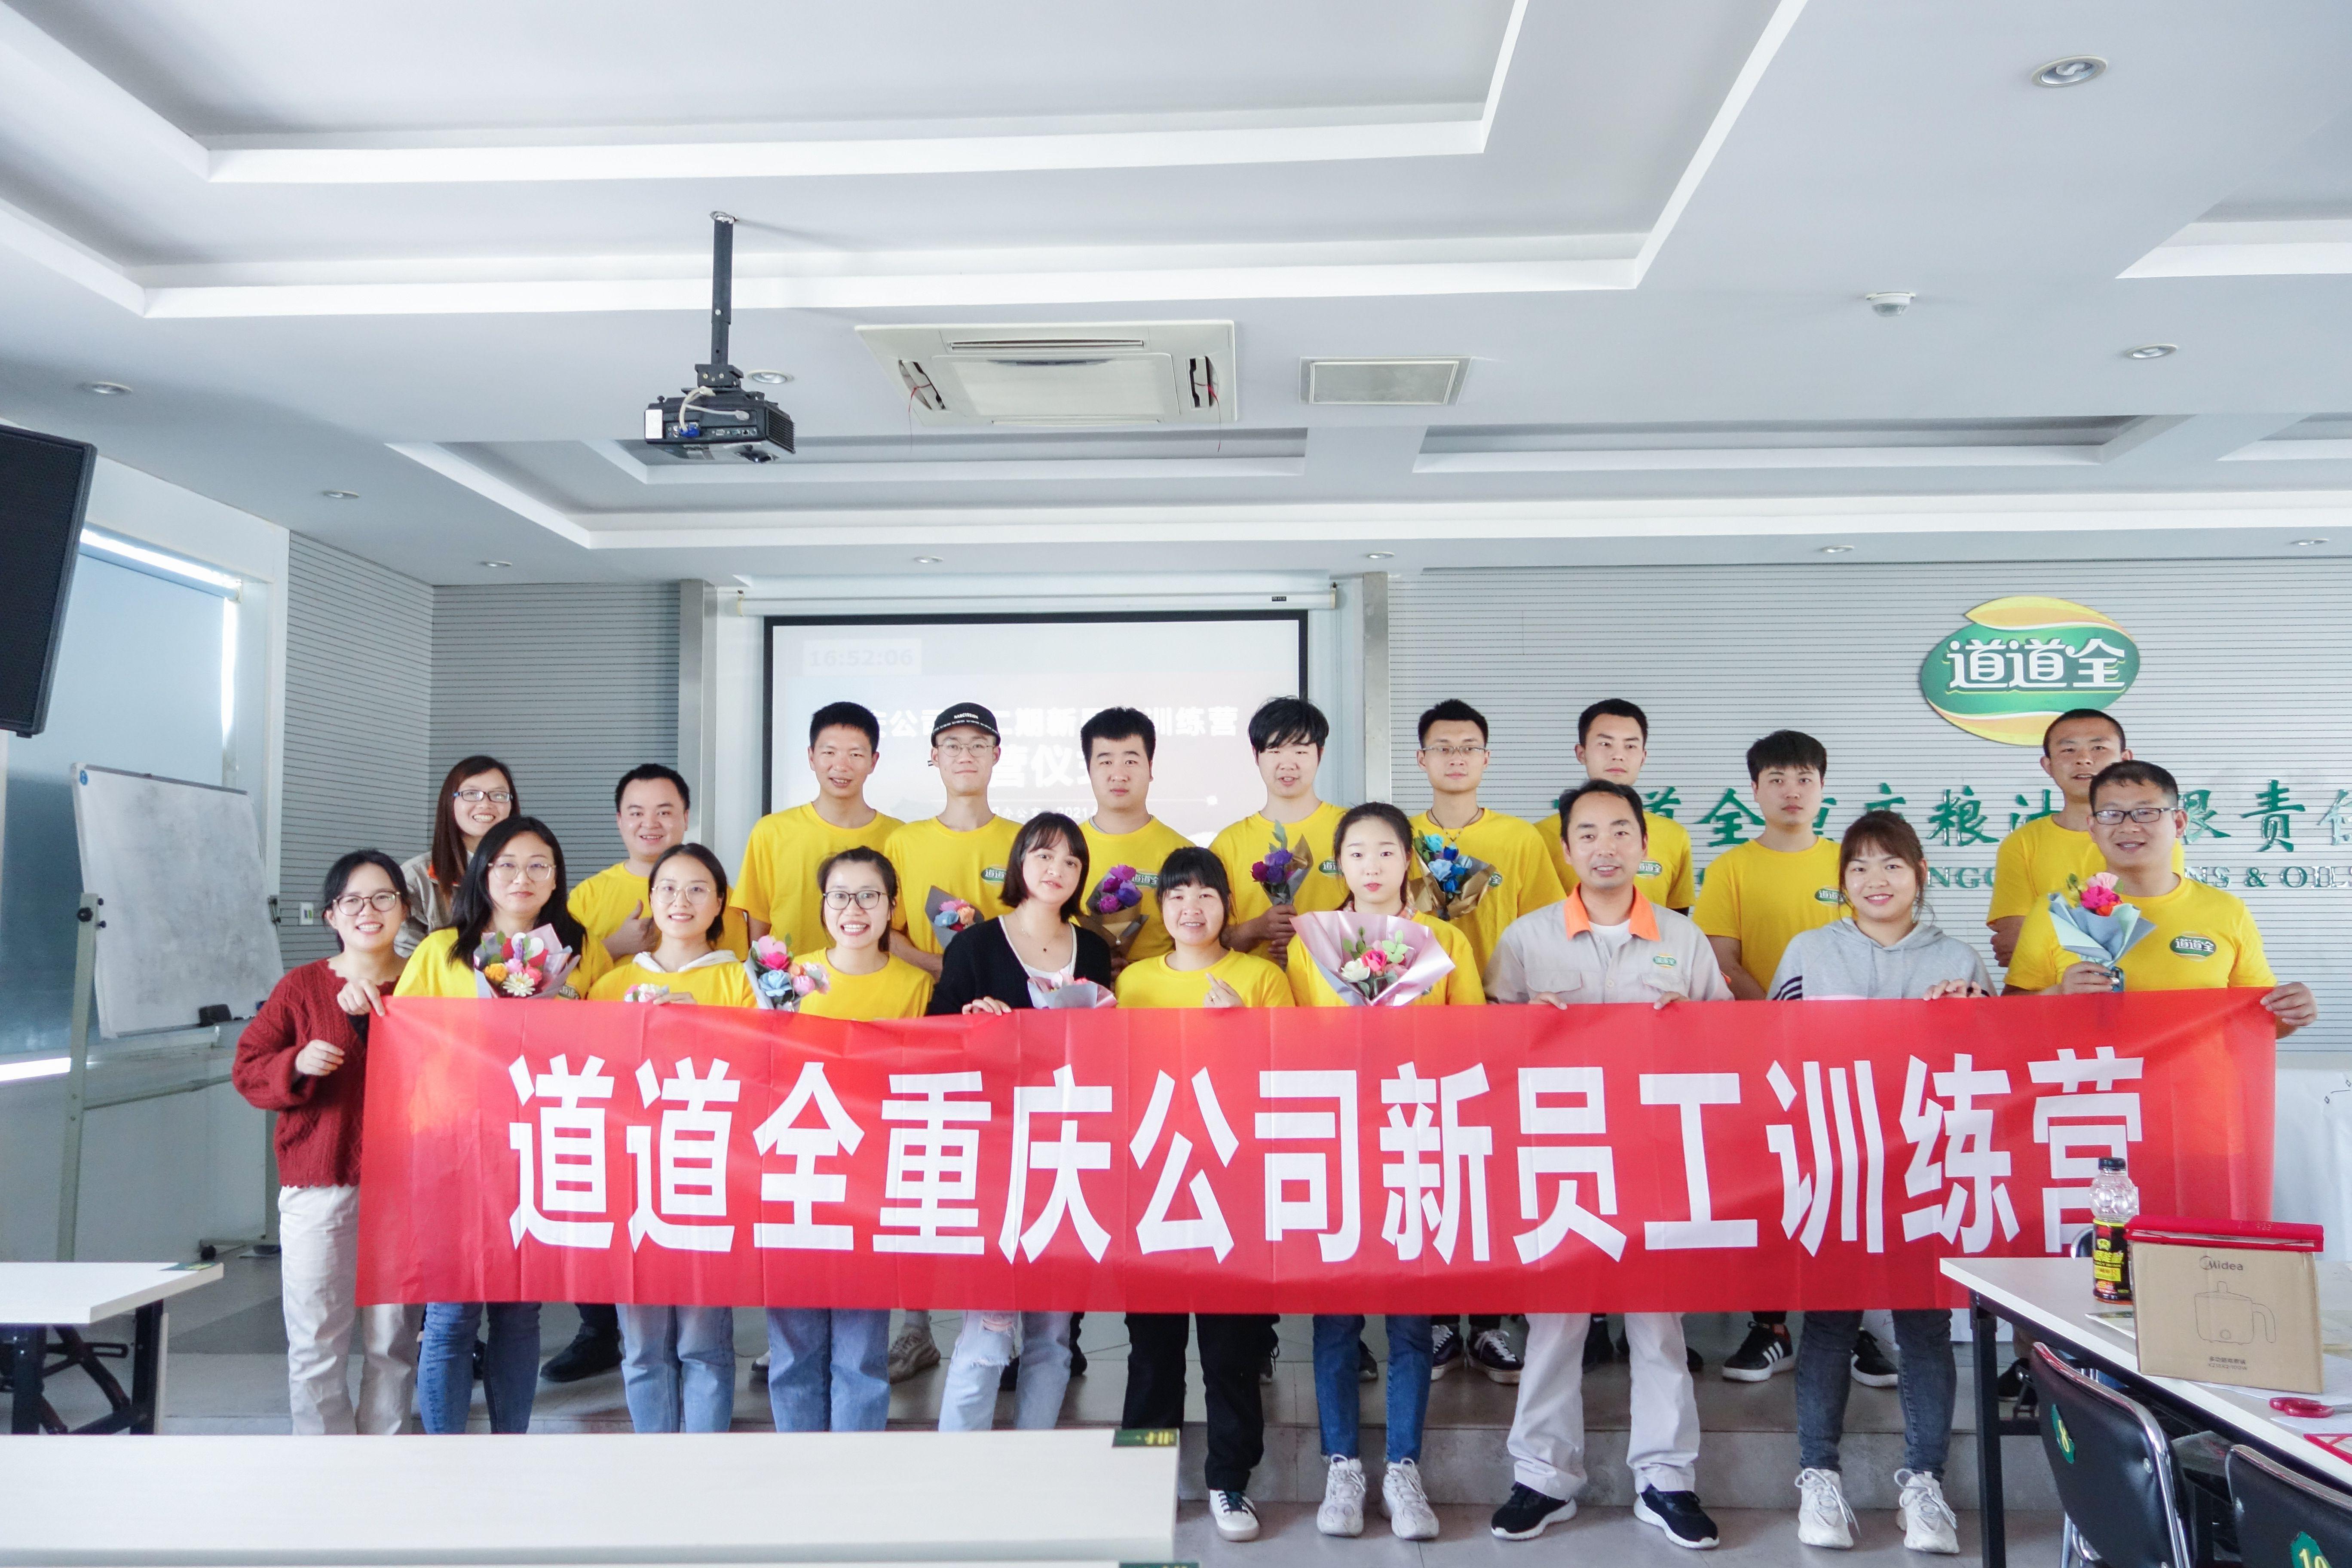 同心筑未來  明日更精彩——記重慶公司第二屆新員工訓練營